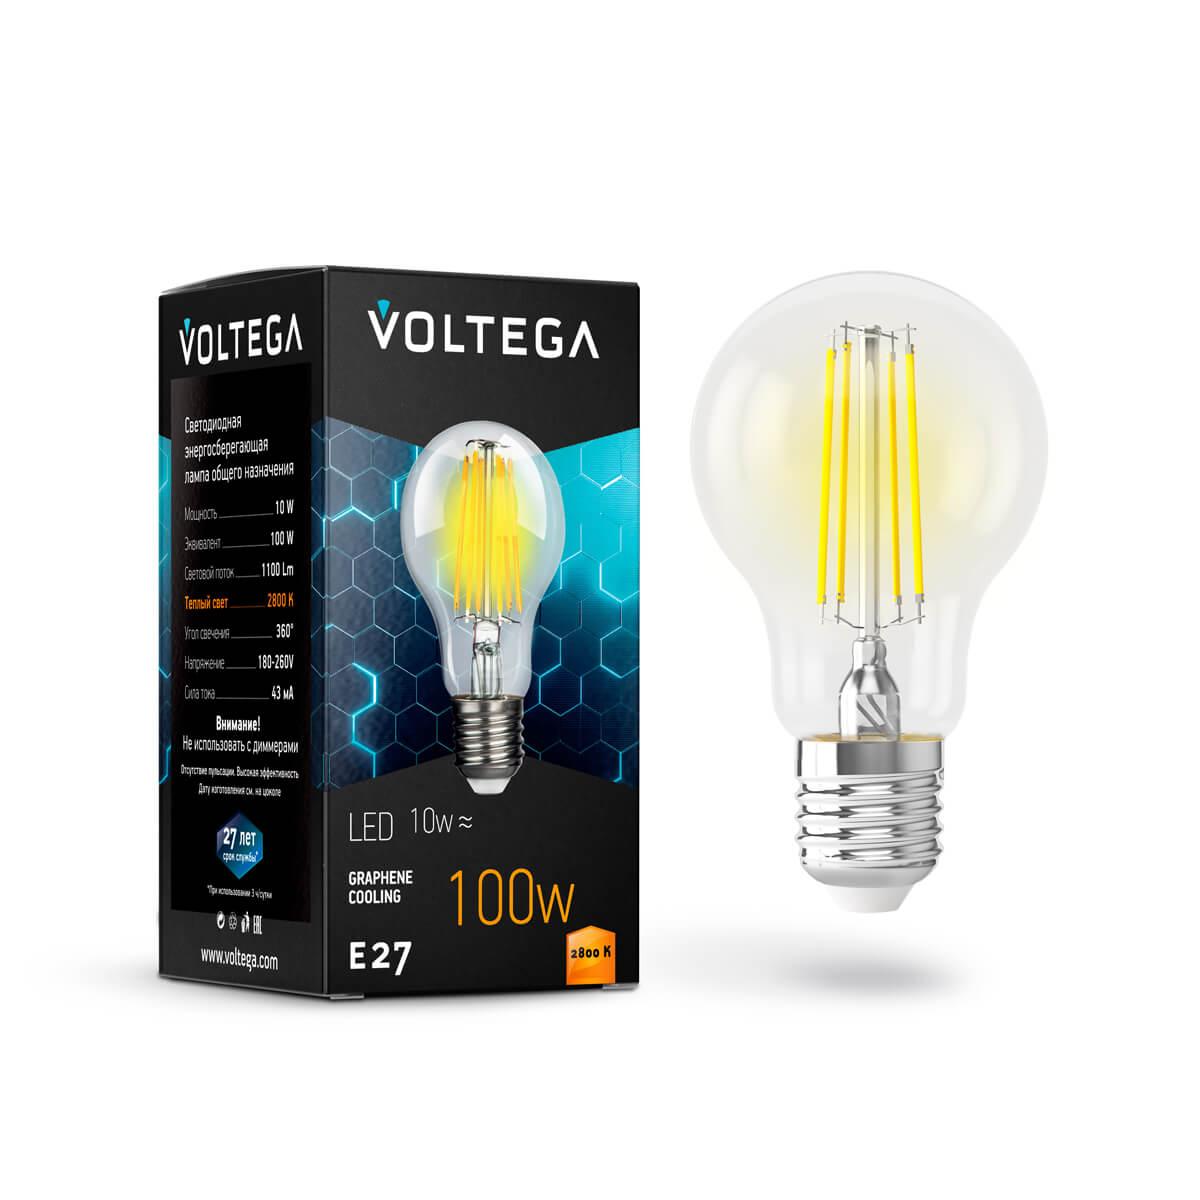 Лампа светодиодная филаментная Voltega E27 10W 2800К прозрачная VG10-А1E27warm10W-F 7102 лампа светодиодная филаментная voltega e14 6w 2800к прозрачная vg10 cc1e14warm6w f 7027